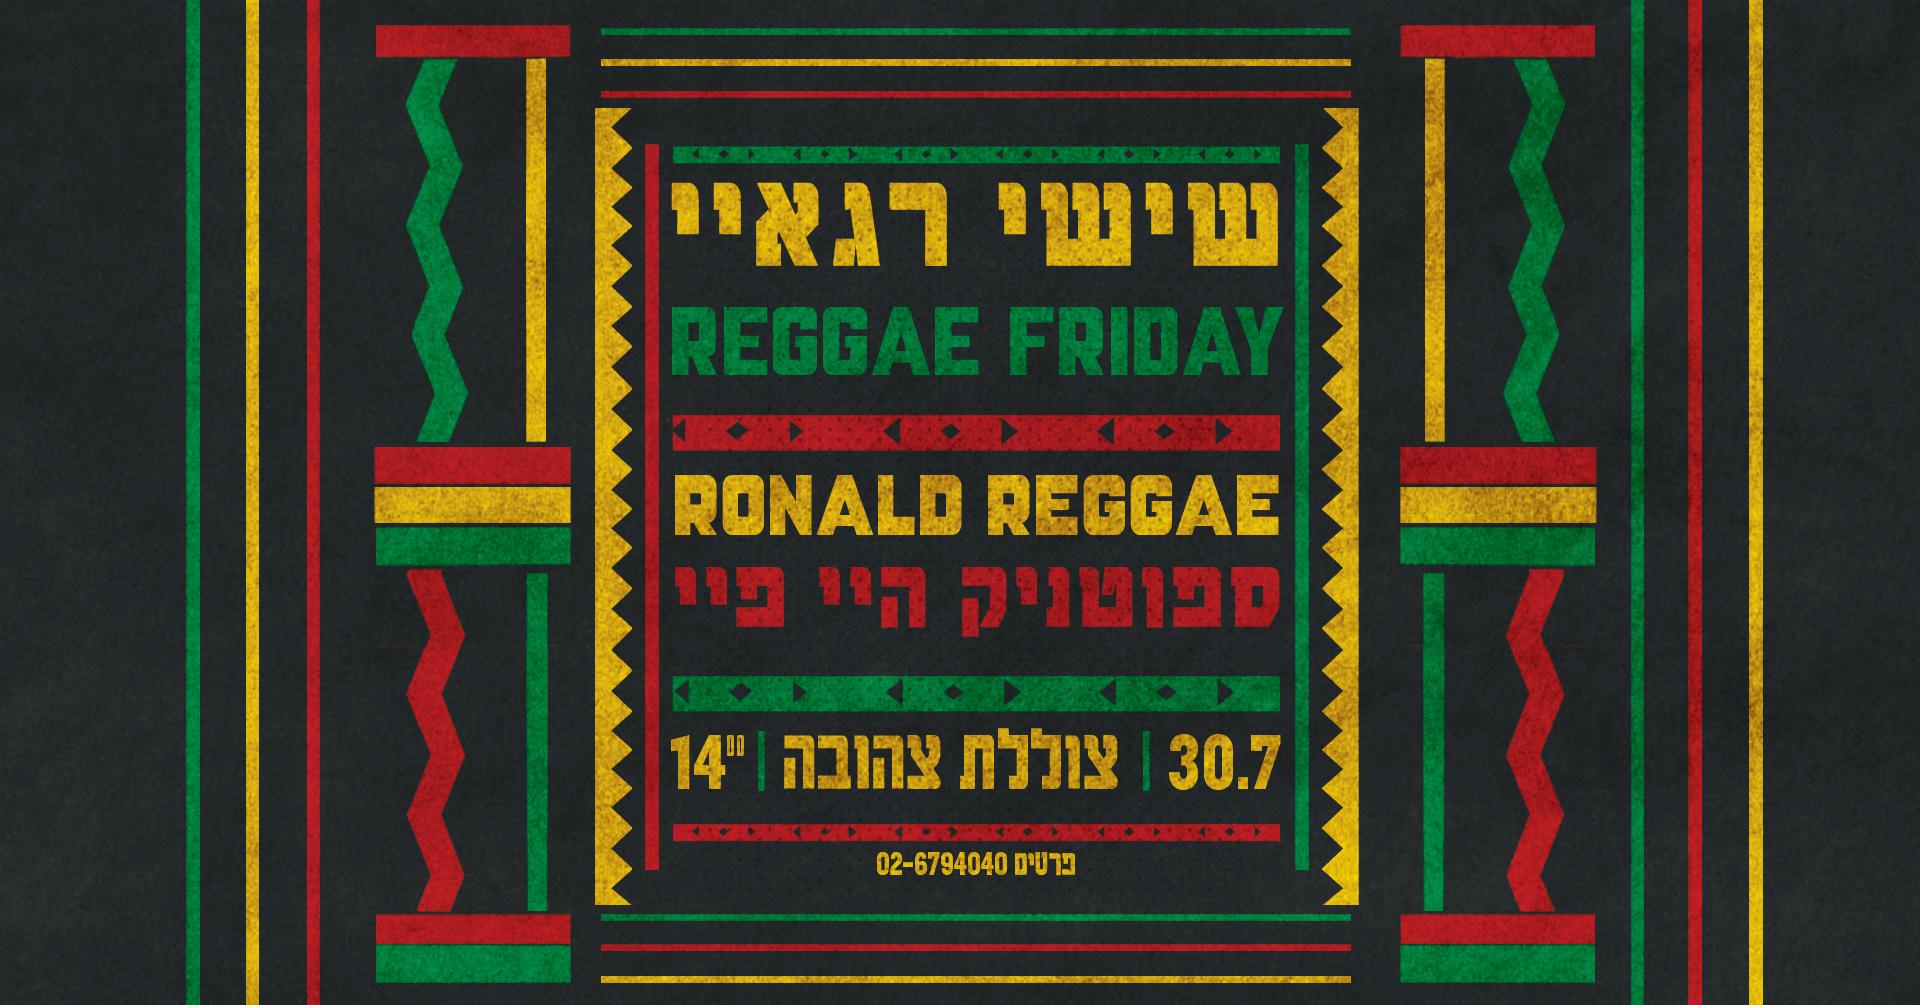 Reggae Friday